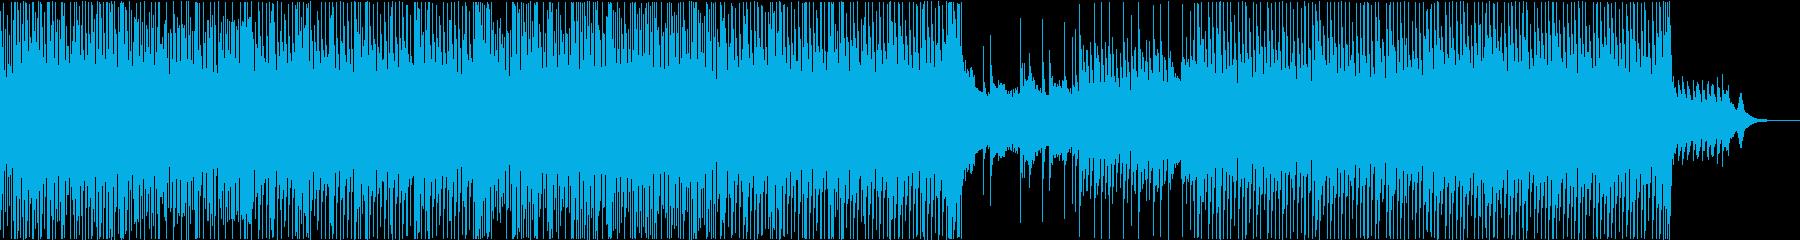 和風の三味線テクノポップ(アップテンポ)の再生済みの波形